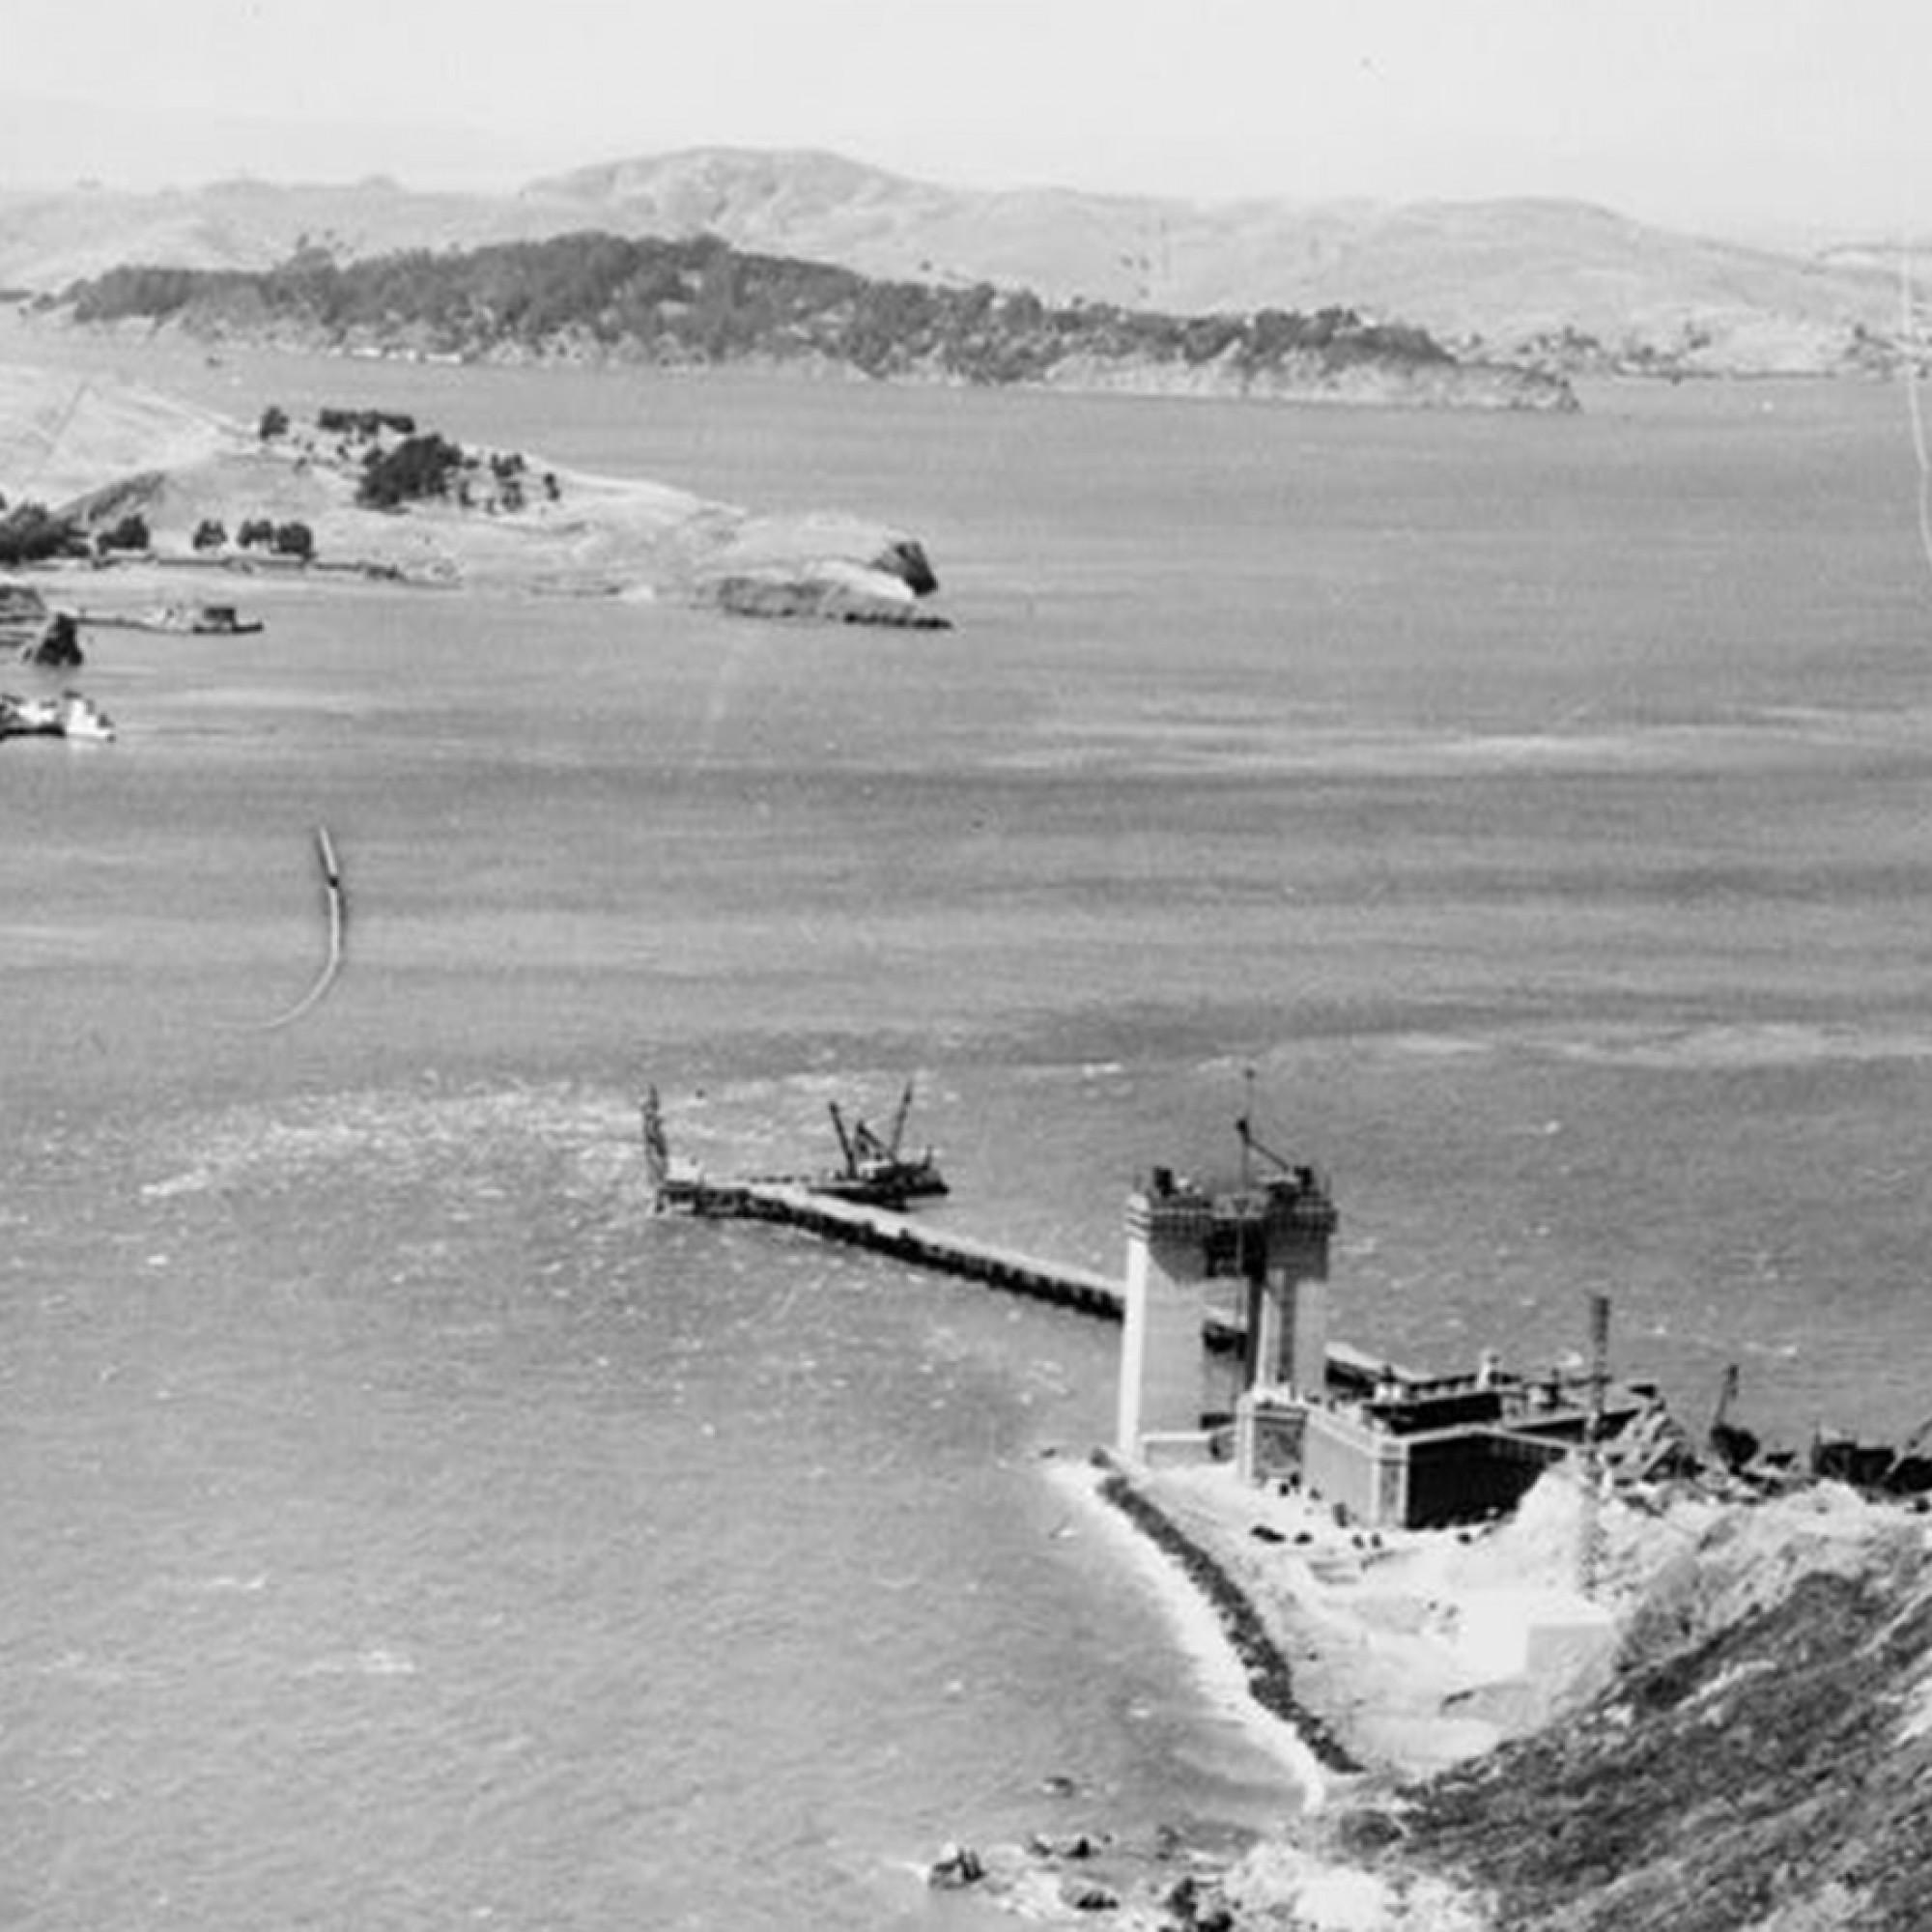 Der Baustart der bekannten Hängebrücke am Eingang zur Bucht von San Francisco erfolgte um 1933. Schnell wurde das Bauwerk zum Wahrzeichen der gesamten Bay Area und wandelte sich zu einer der wichtigsten Attraktionen San Franciscos. (Quelle: Library of Con